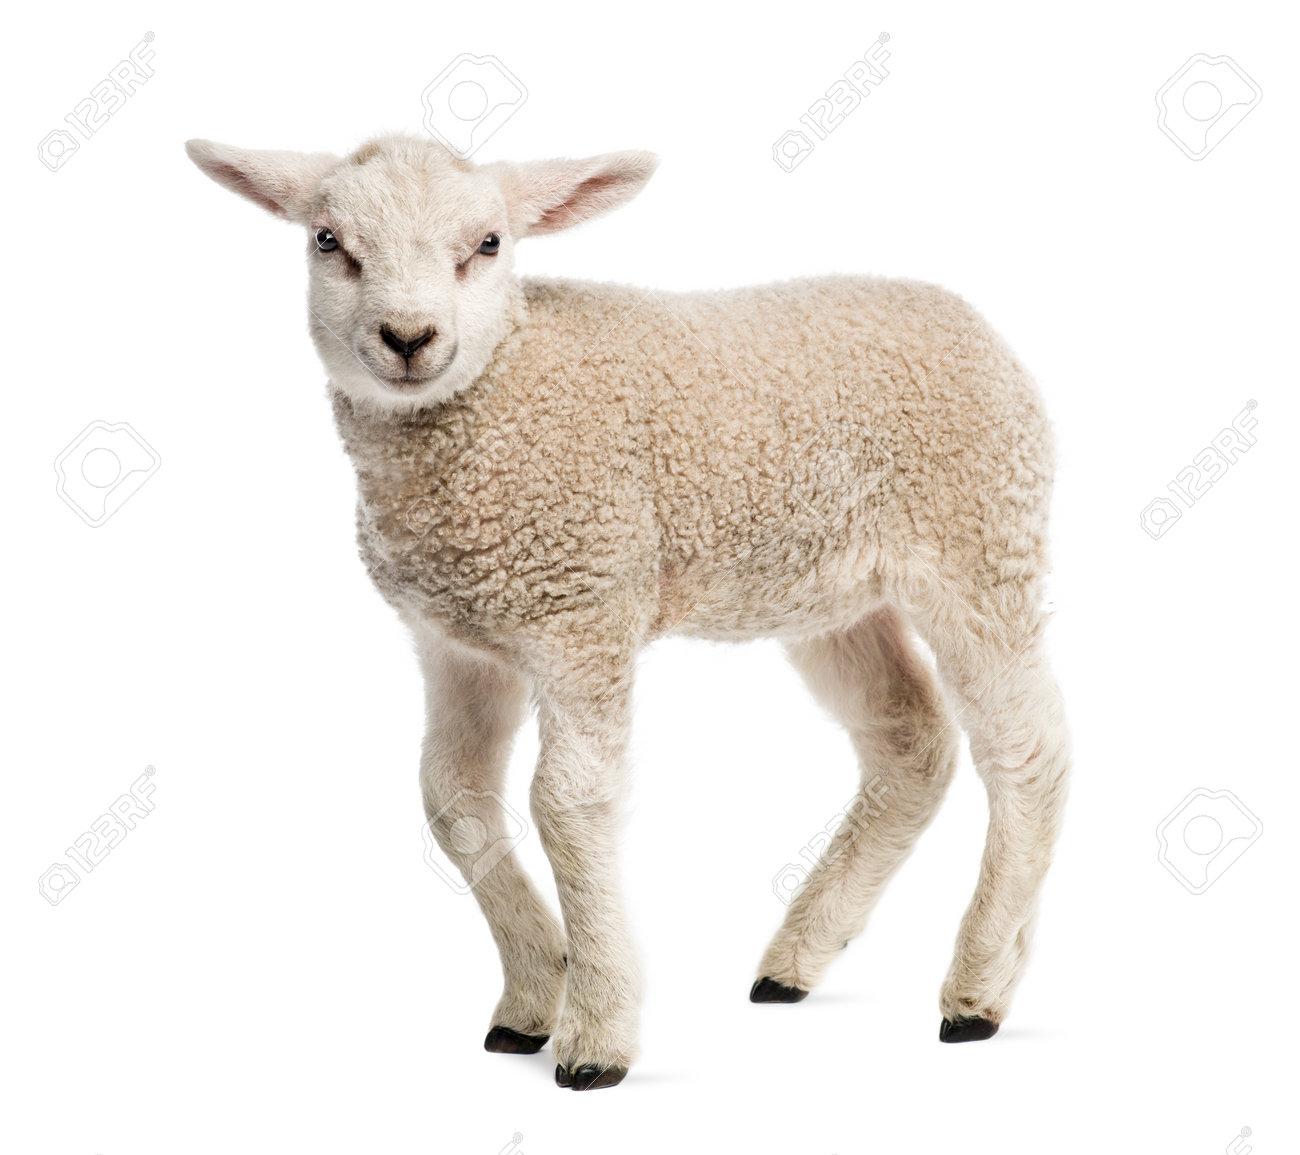 Recipes using lamb